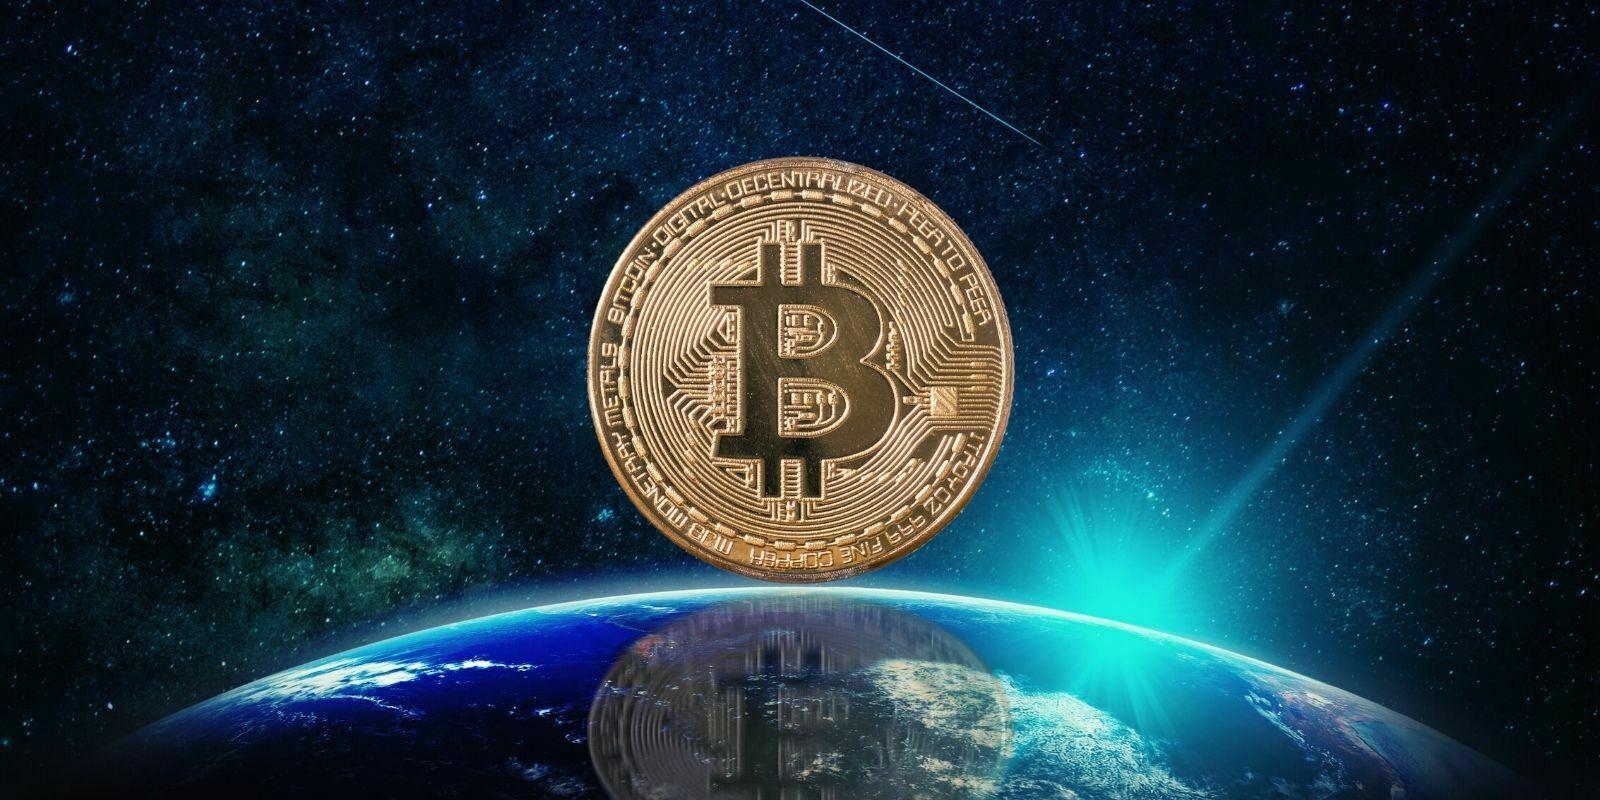 Un bug sur Binance catapulte le Bitcoin (BTC) à 82 000 dollars